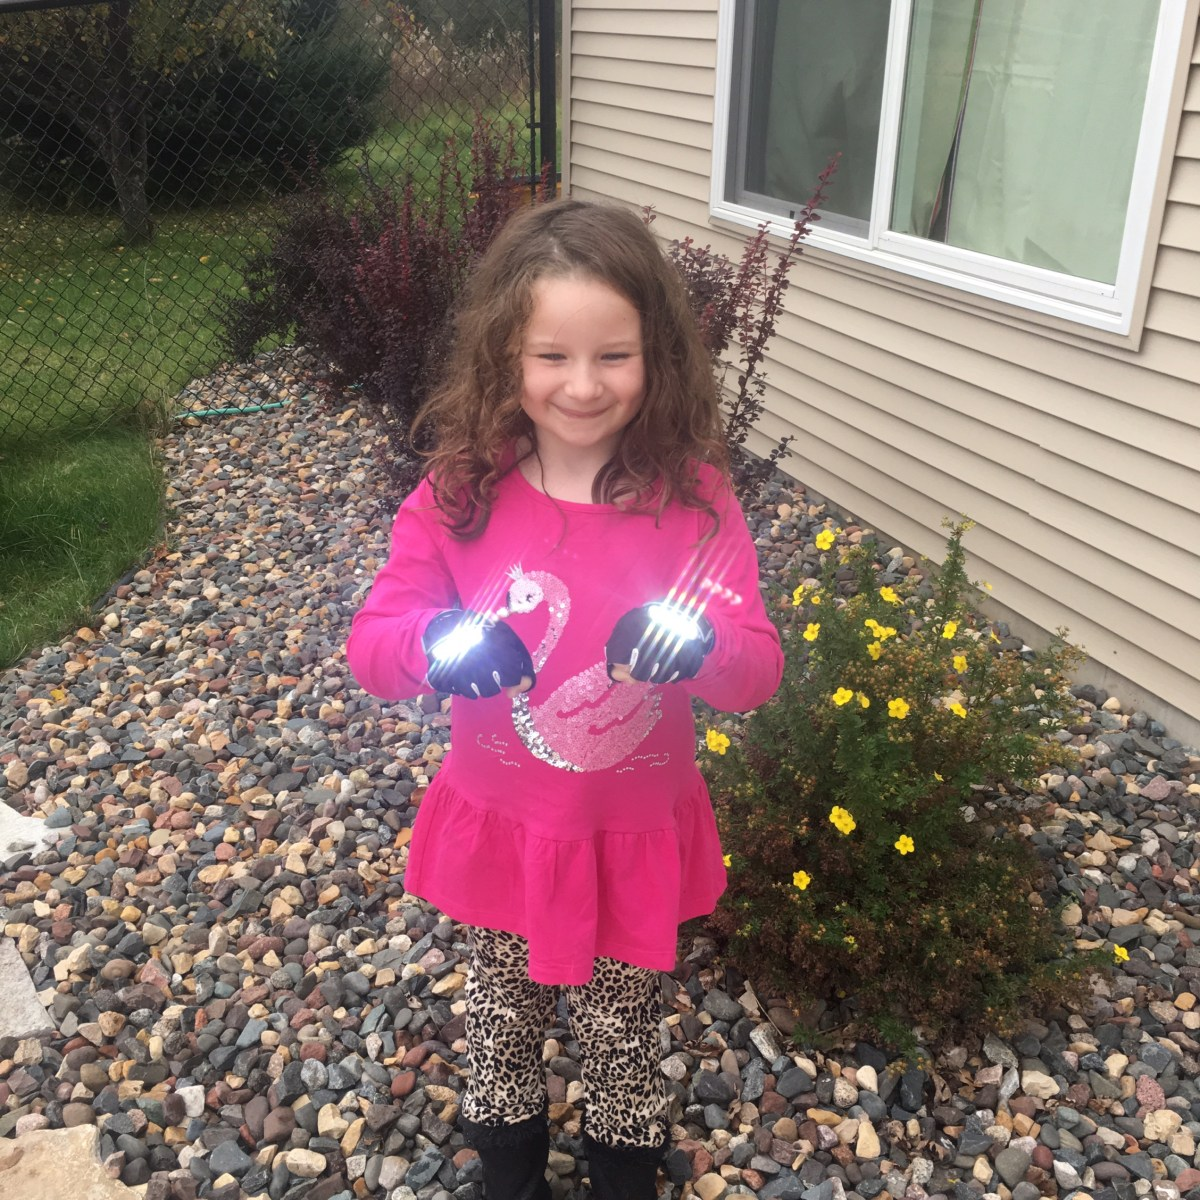 Runlites LED lighted gloves